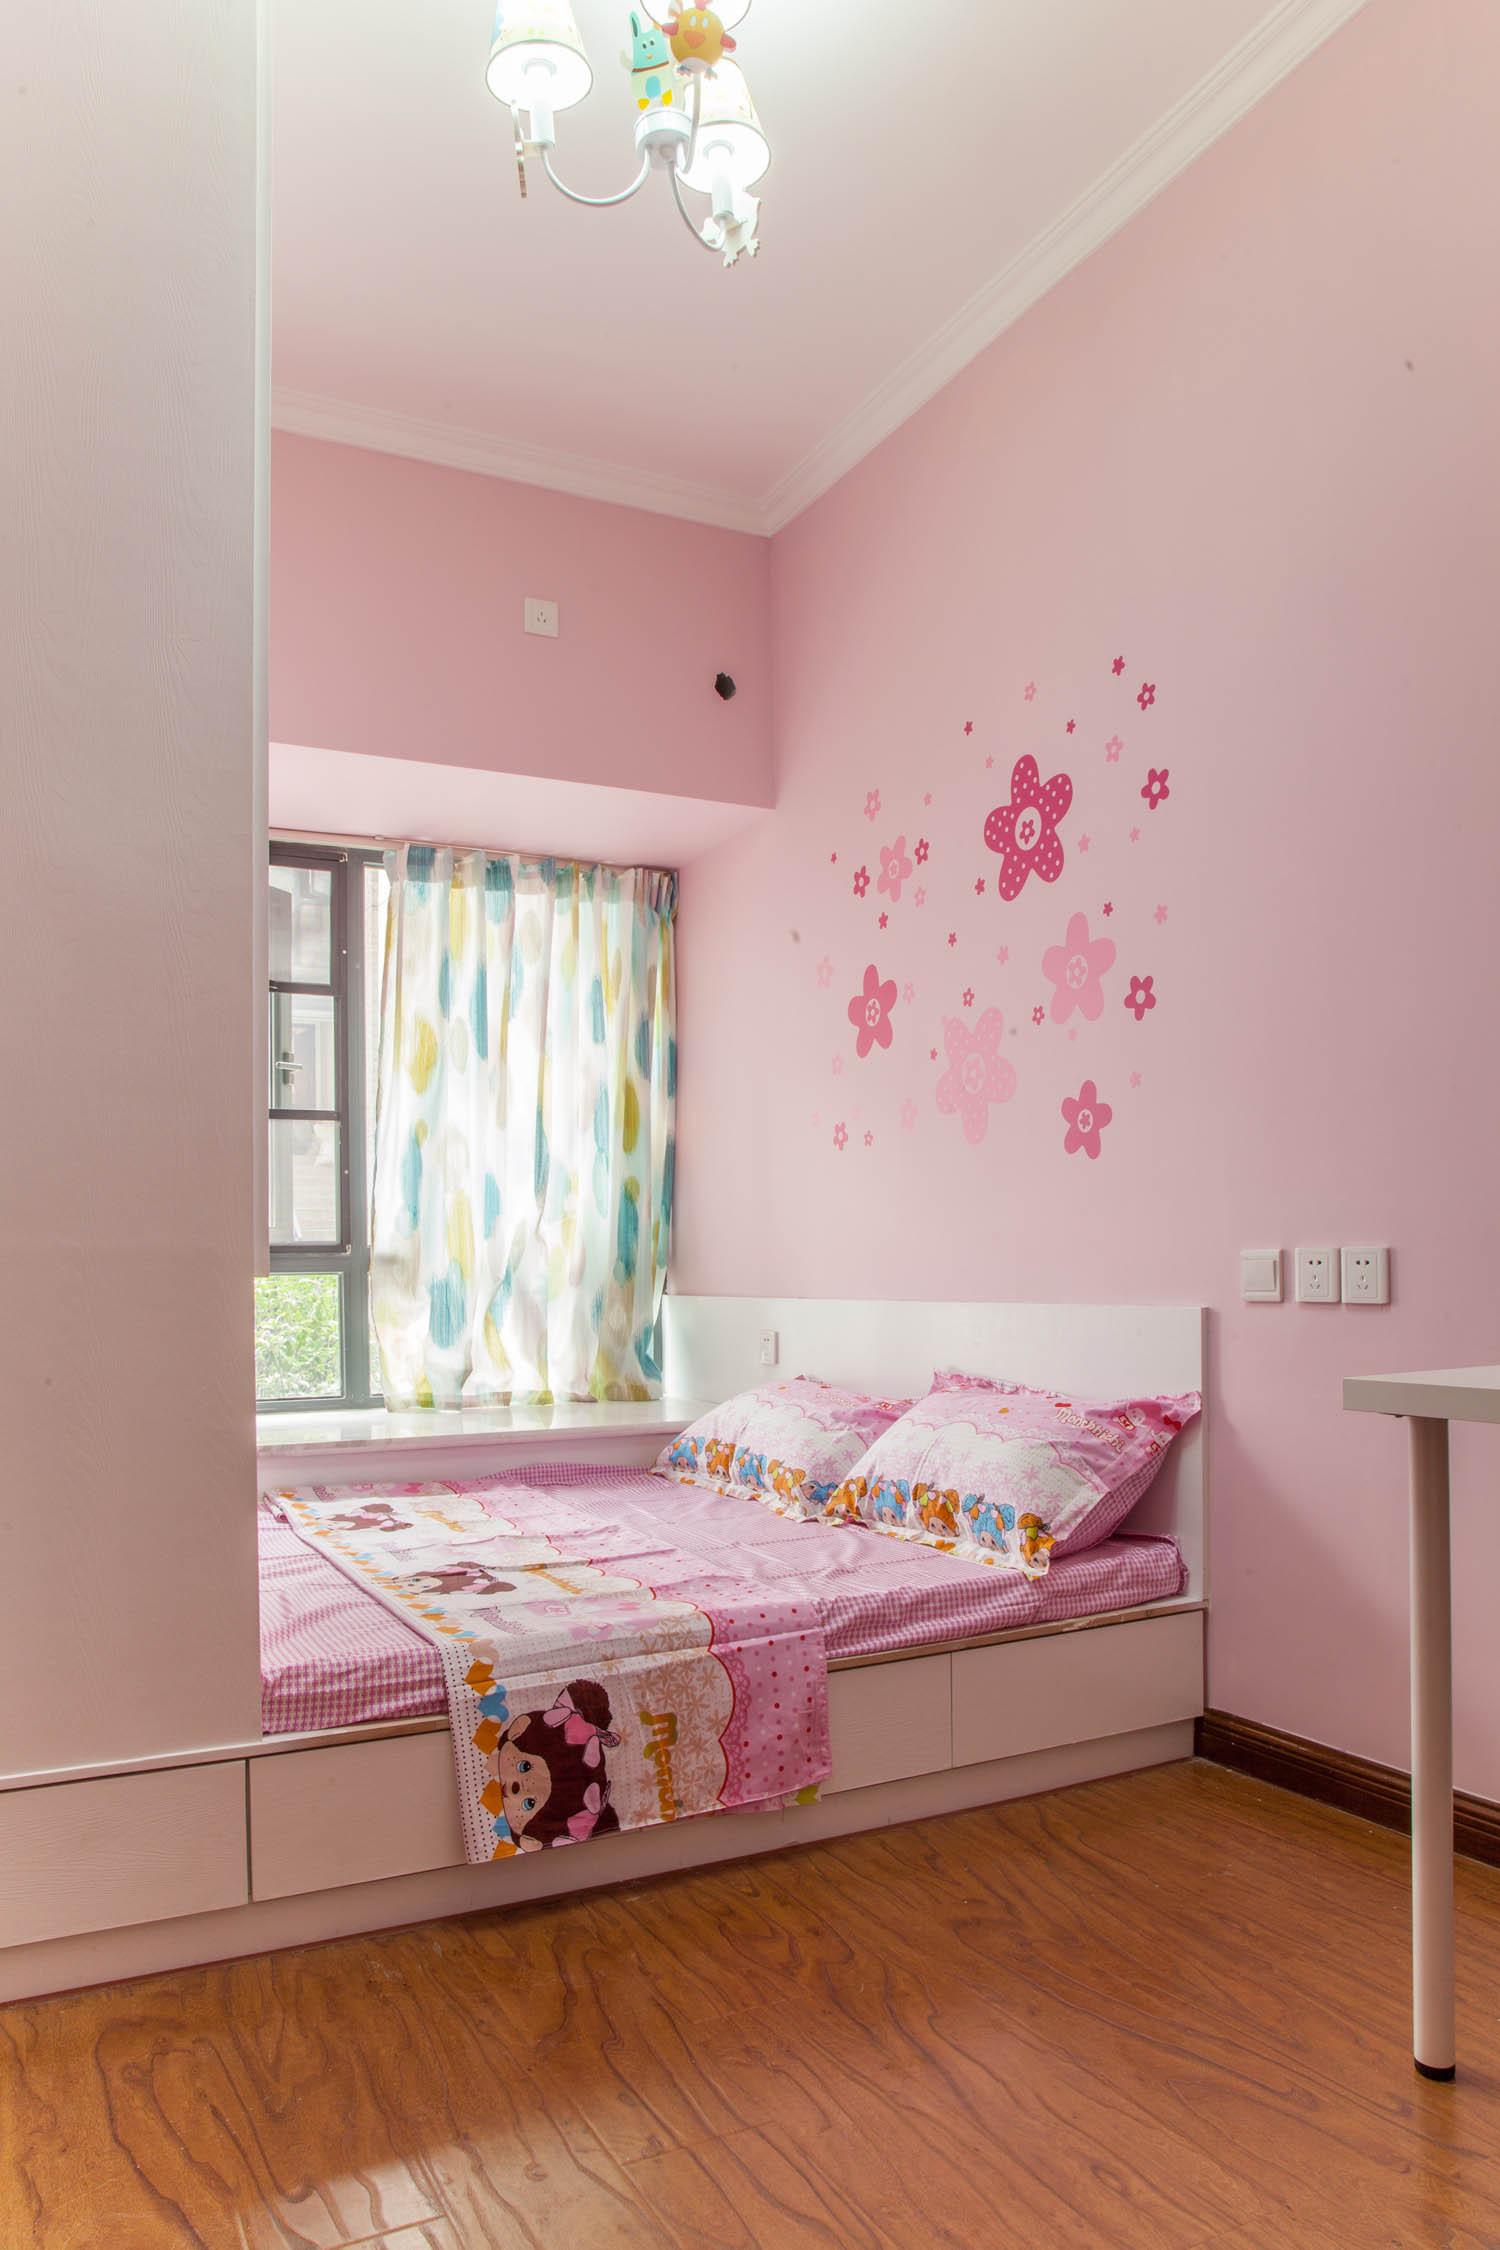 简约两居装修榻榻米床设计